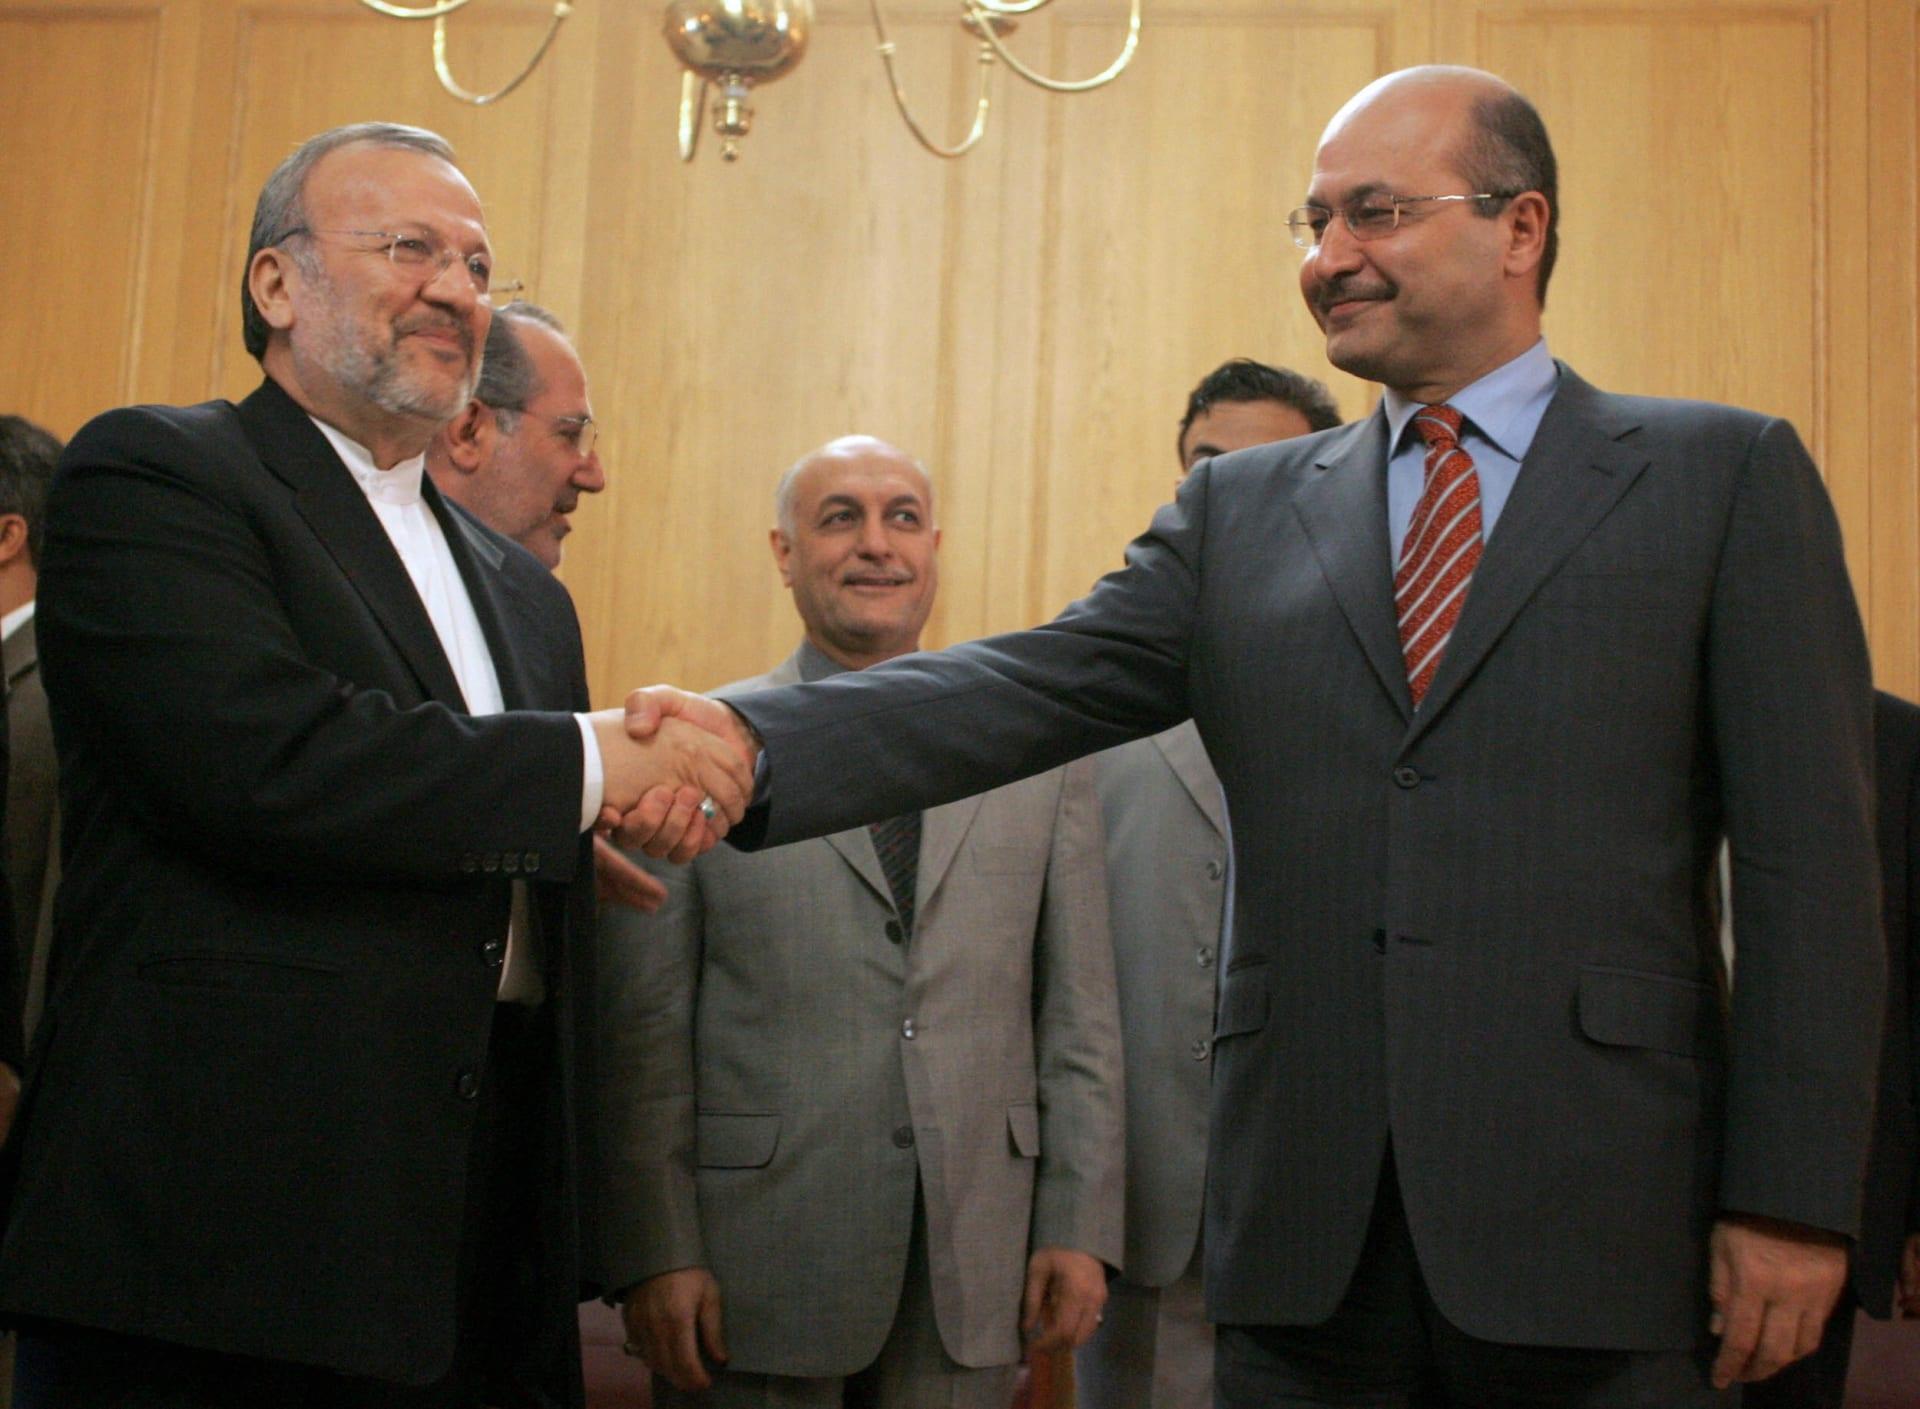 رأي.. کاملیا انتخابی فرد تكتب لـCNN: العراق بين خيارين: إيران أو أمريكا